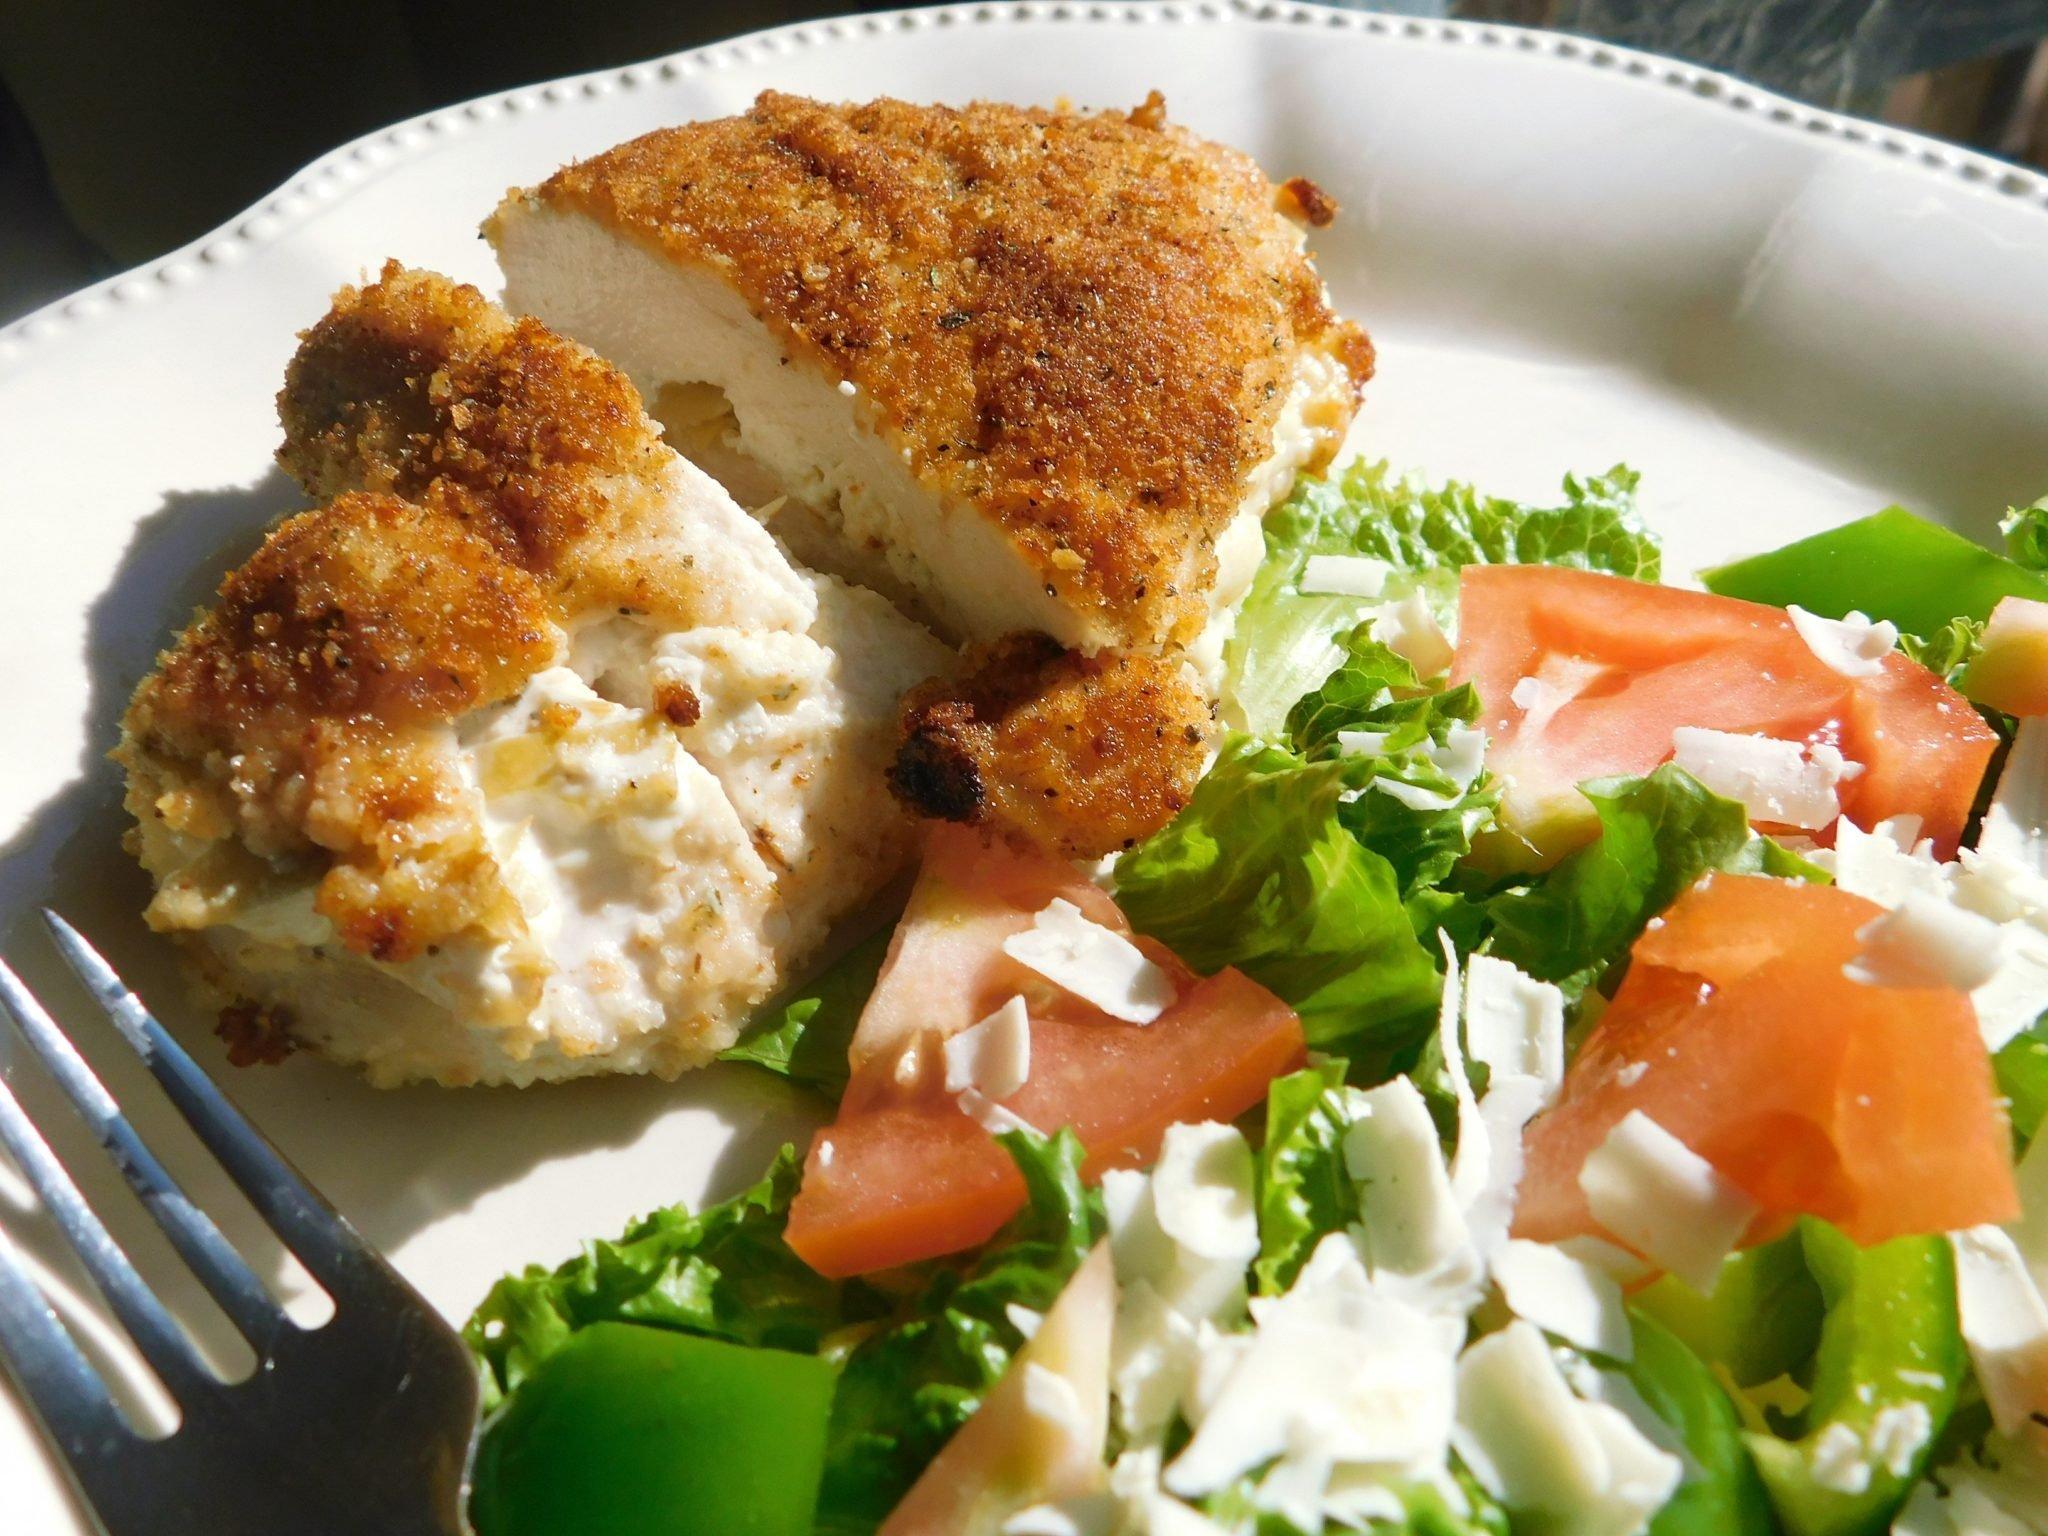 Диетические Вкусные Блюда Для Похудения Из Курицы. Топ-20 вкусных и полезных ПП-рецептов из куриной грудки